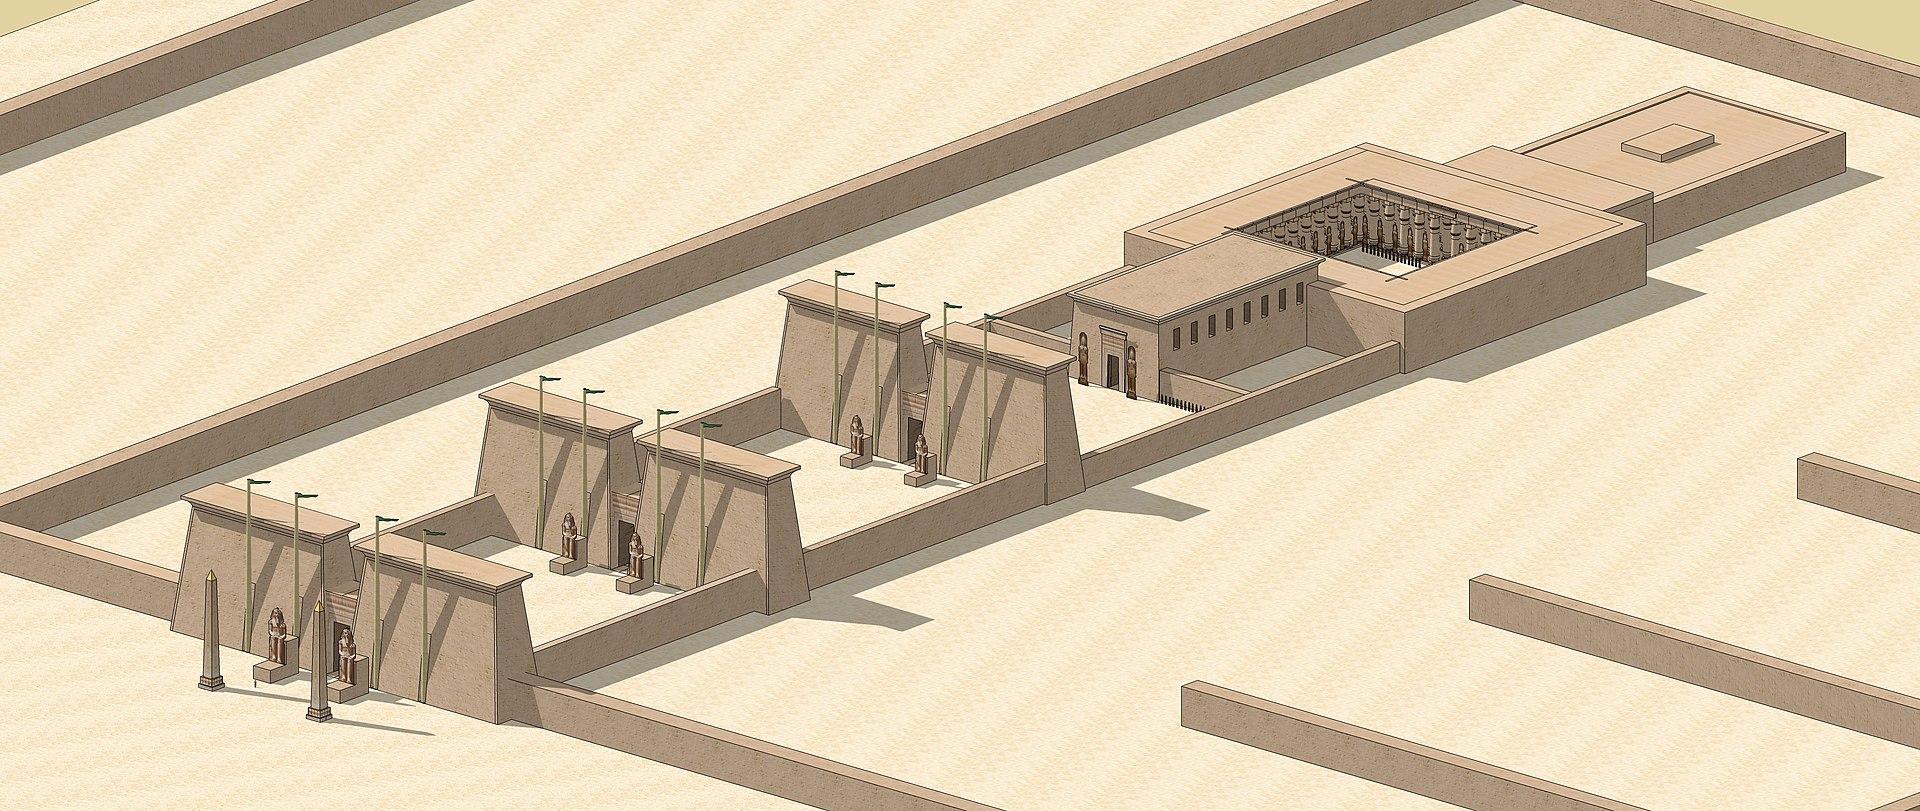 Vue axonométrique du temple d 'Amenhotep III